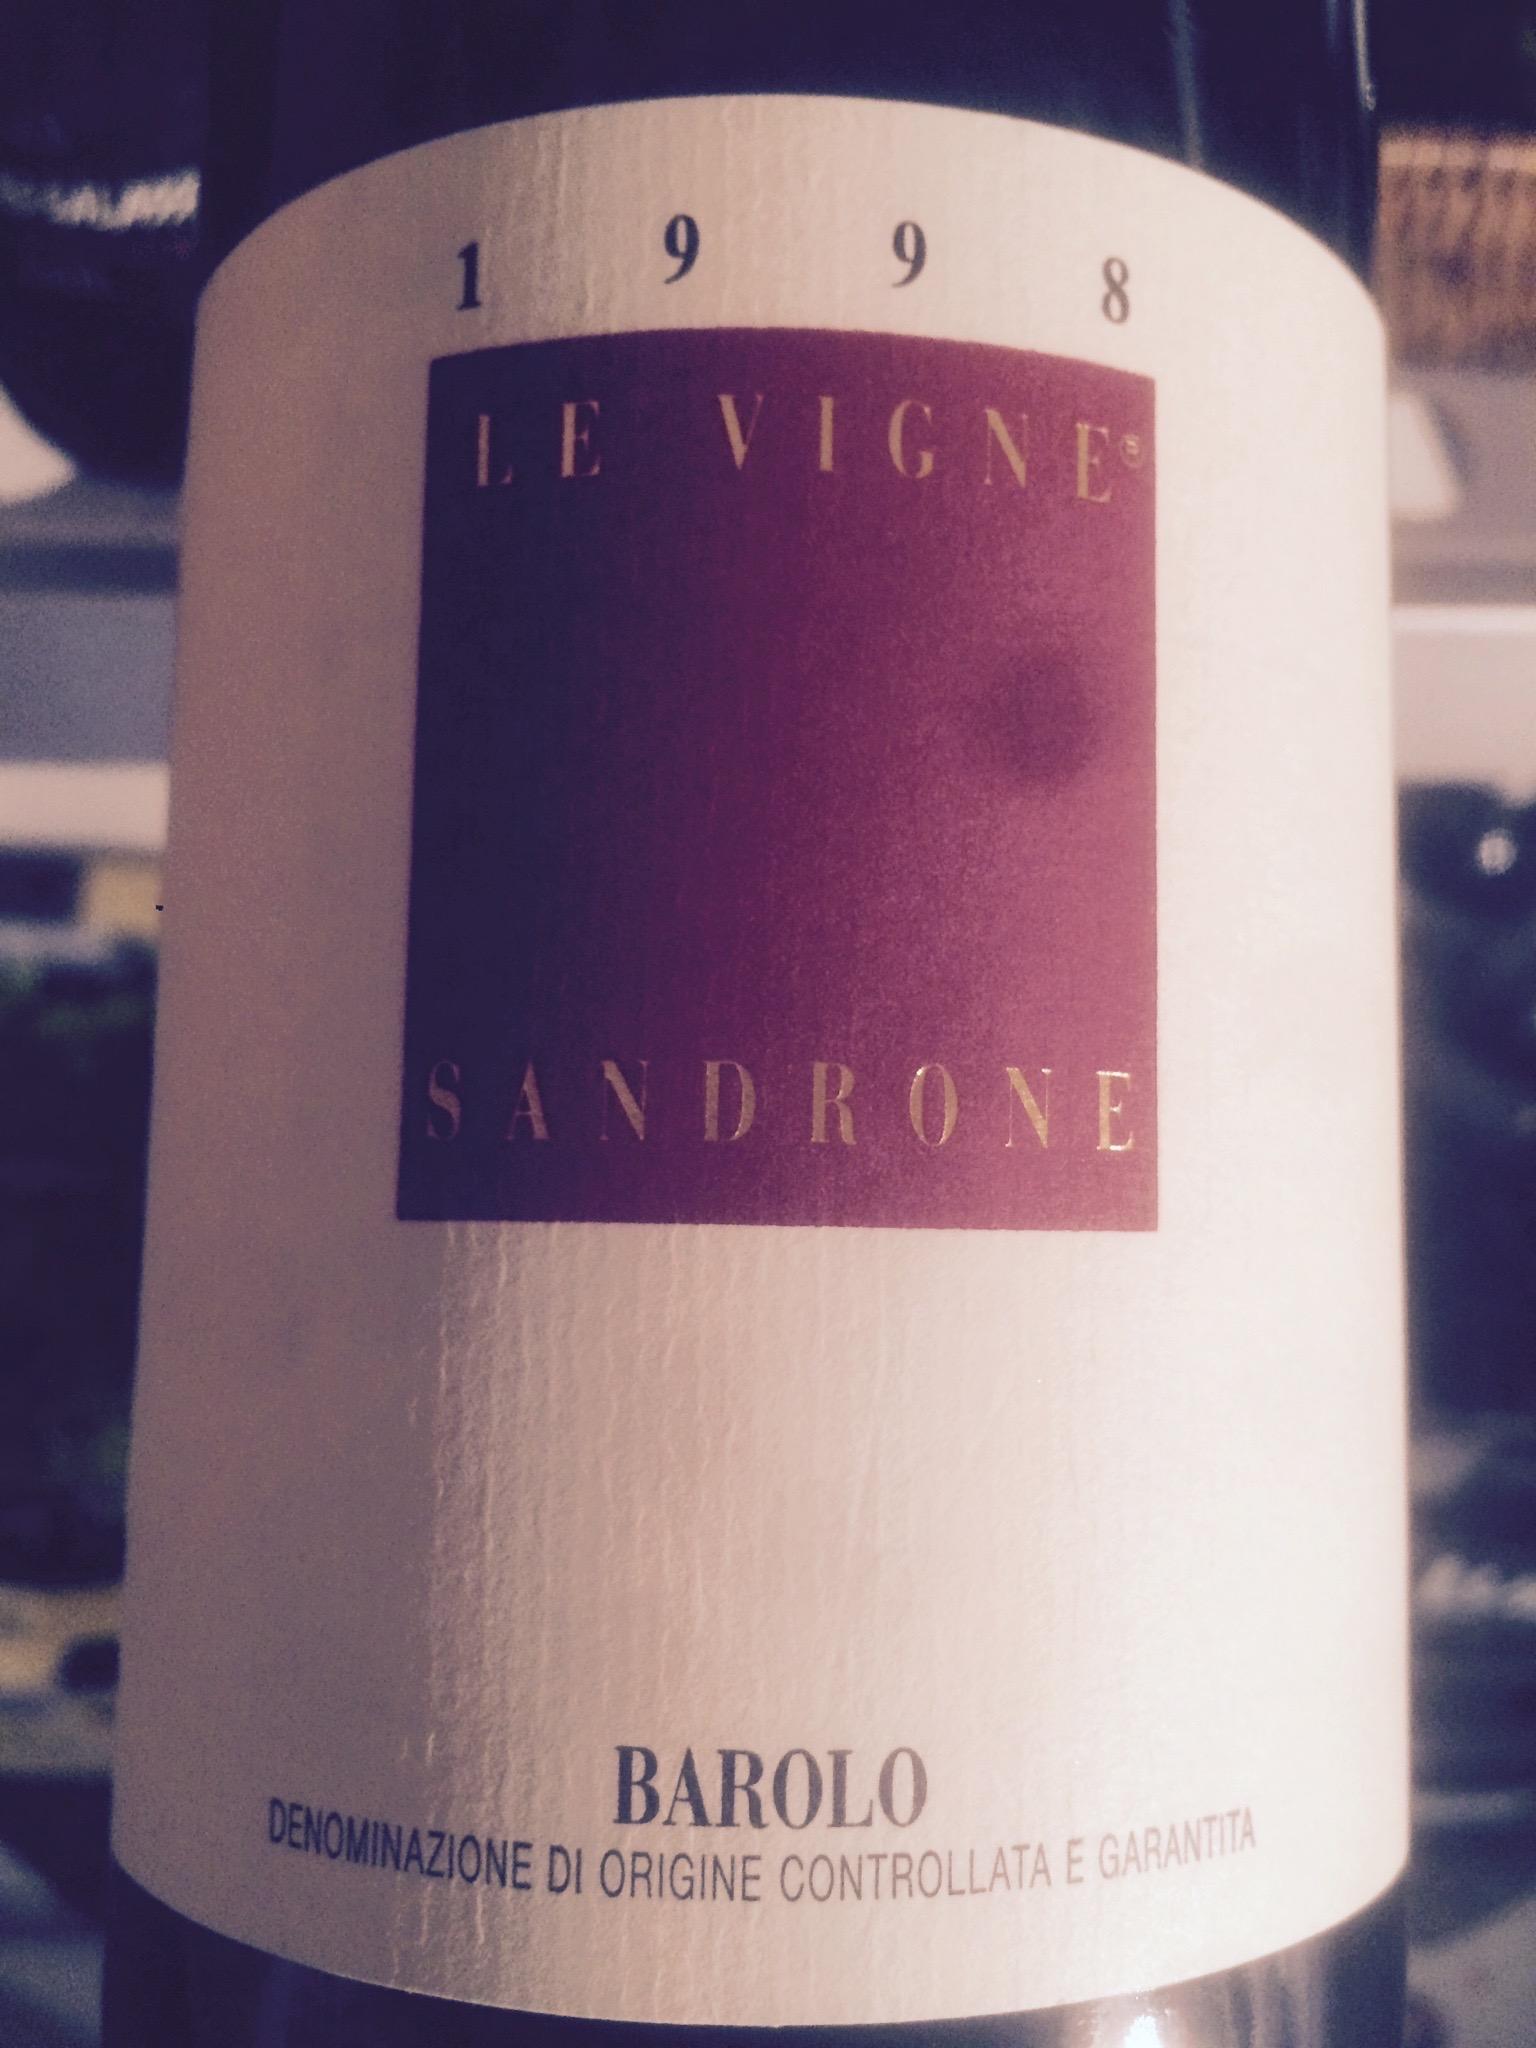 Le Vigne Barolo 1998 – Luciano Sandrone